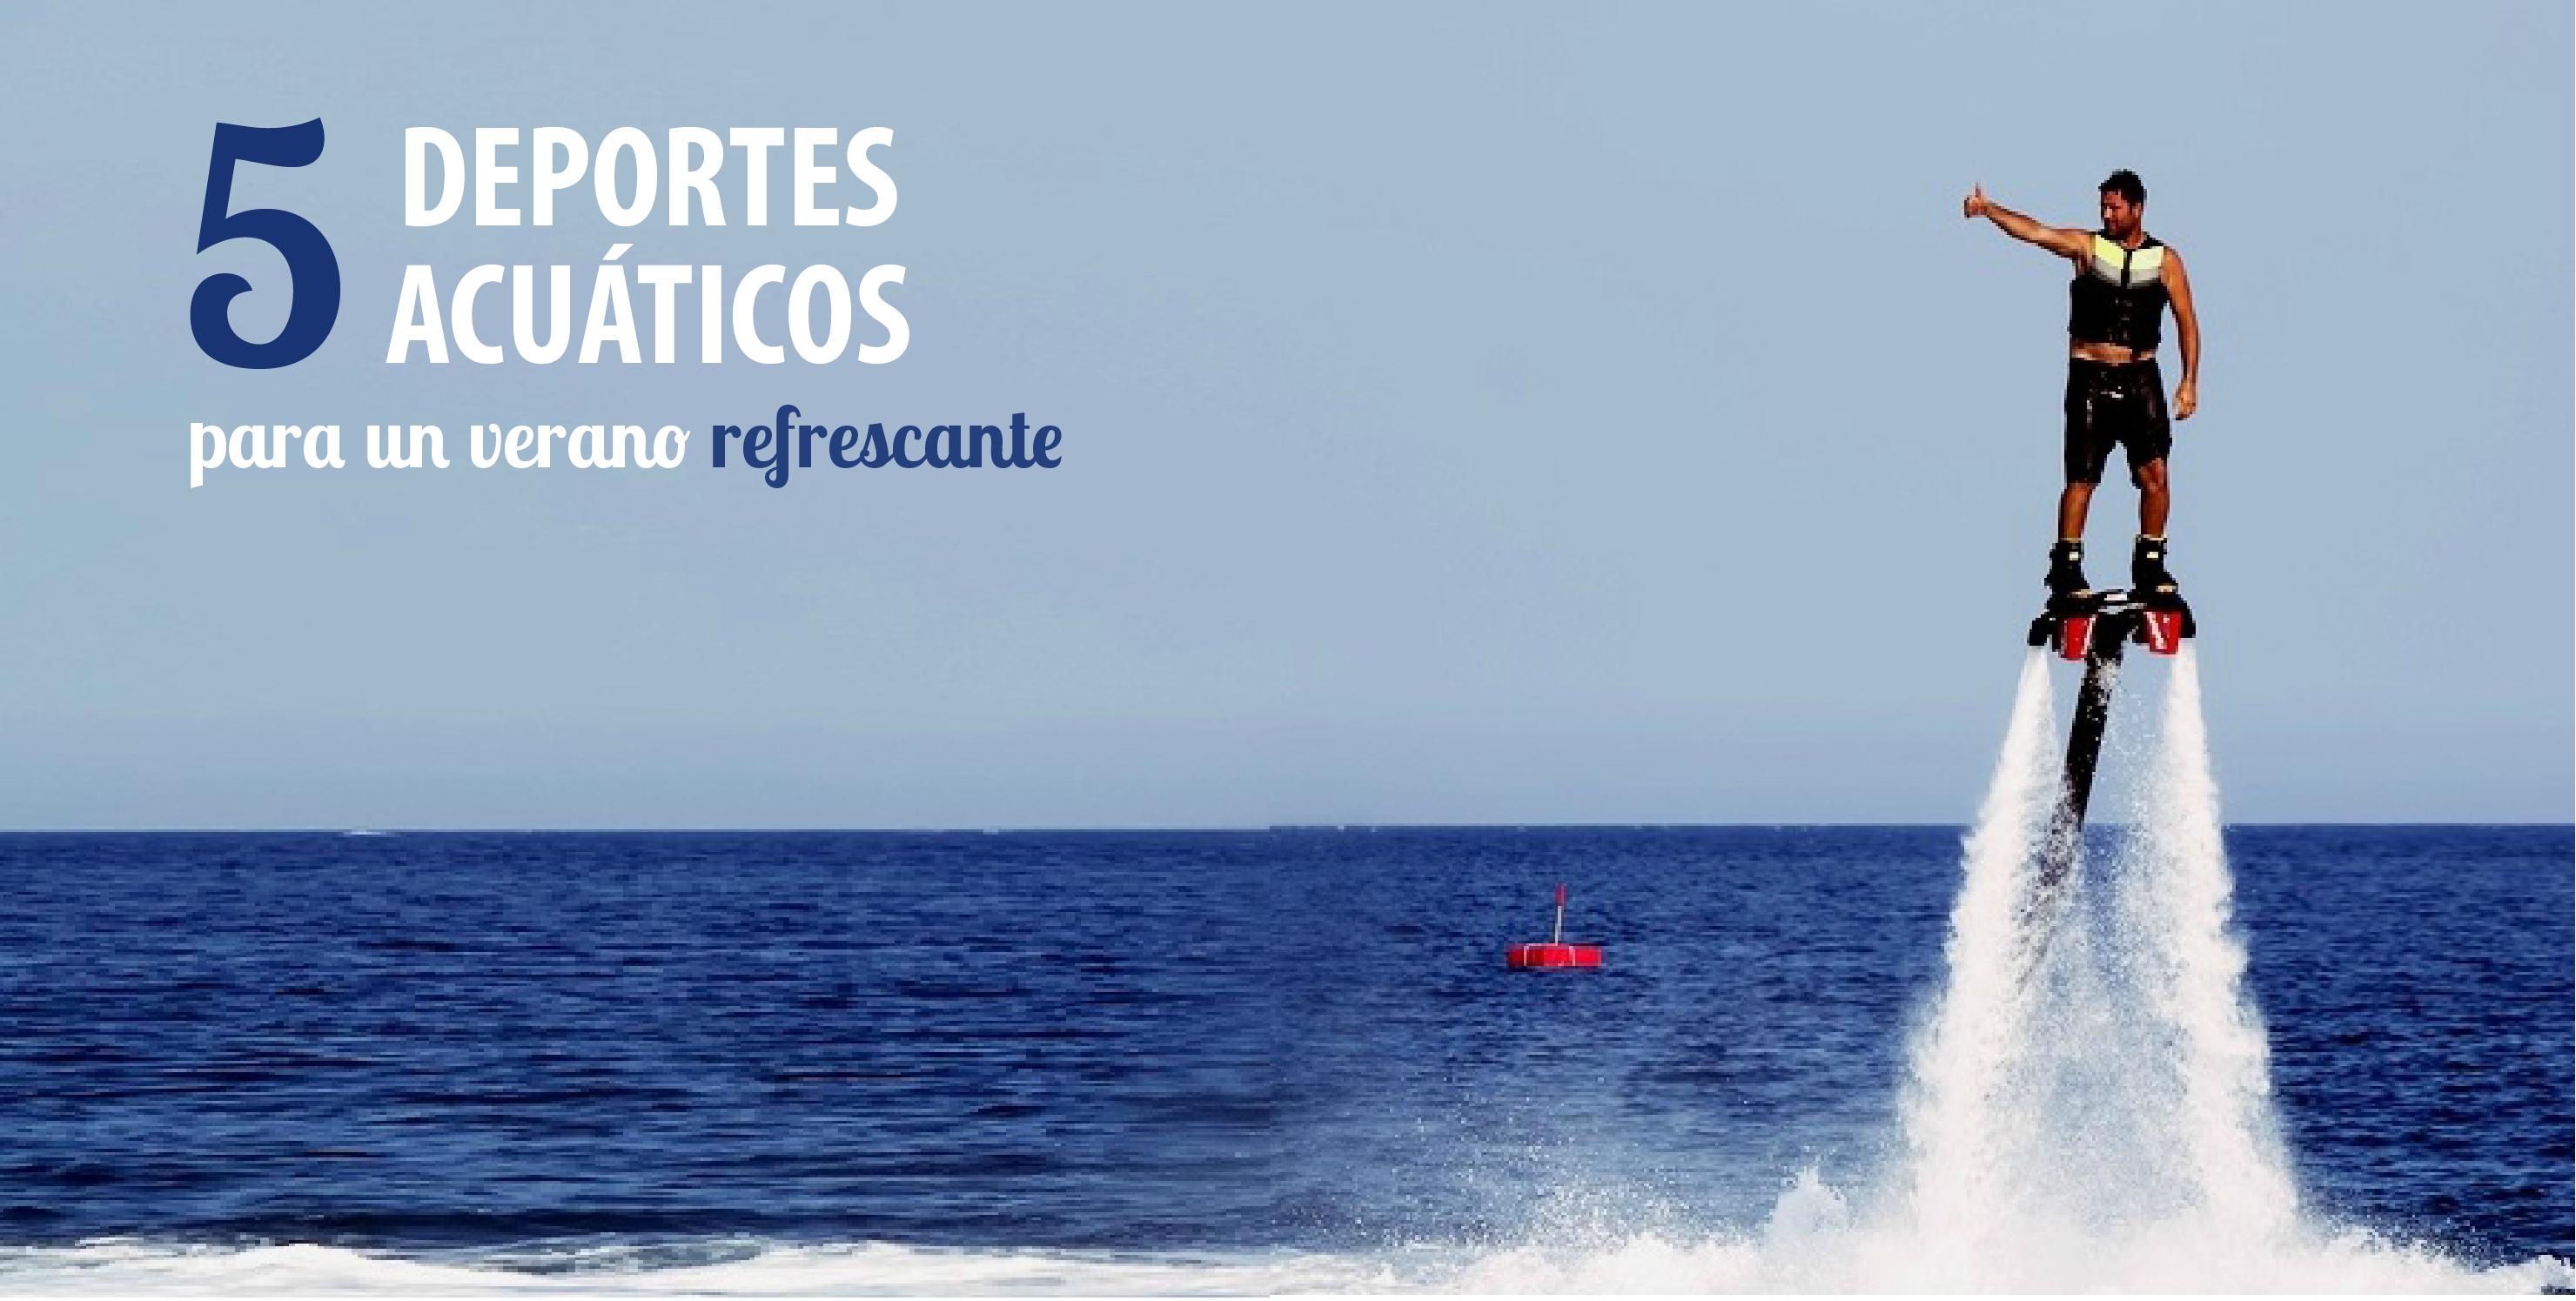 5 deportes acuáticos para un verano refrescante